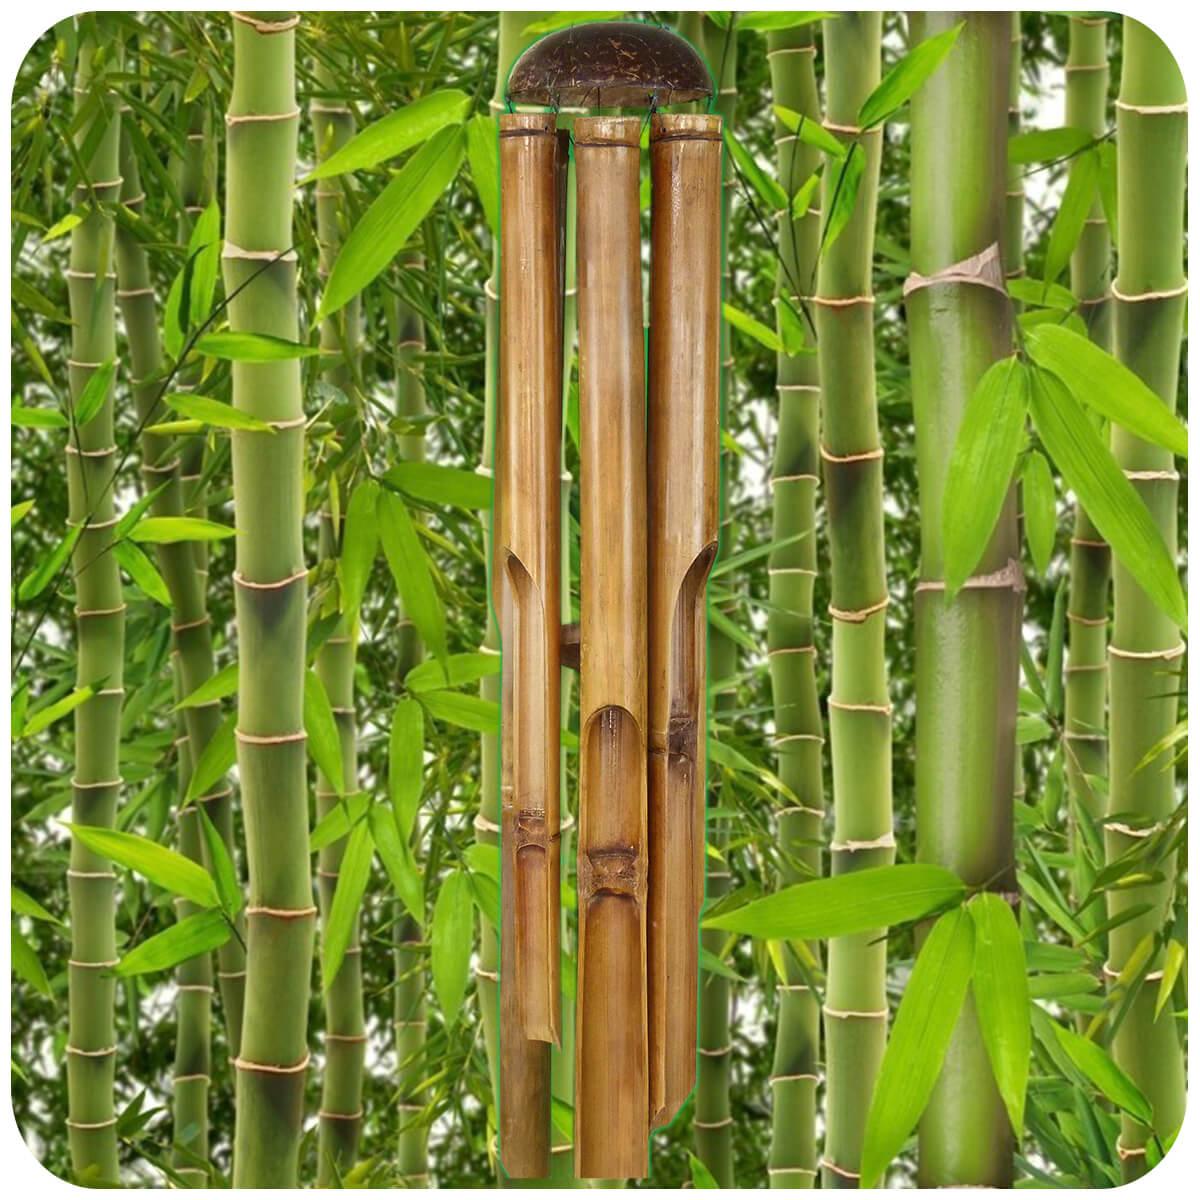 windspiel klang spiel bambus mobile deko garten t rglocke feng shui 100. Black Bedroom Furniture Sets. Home Design Ideas